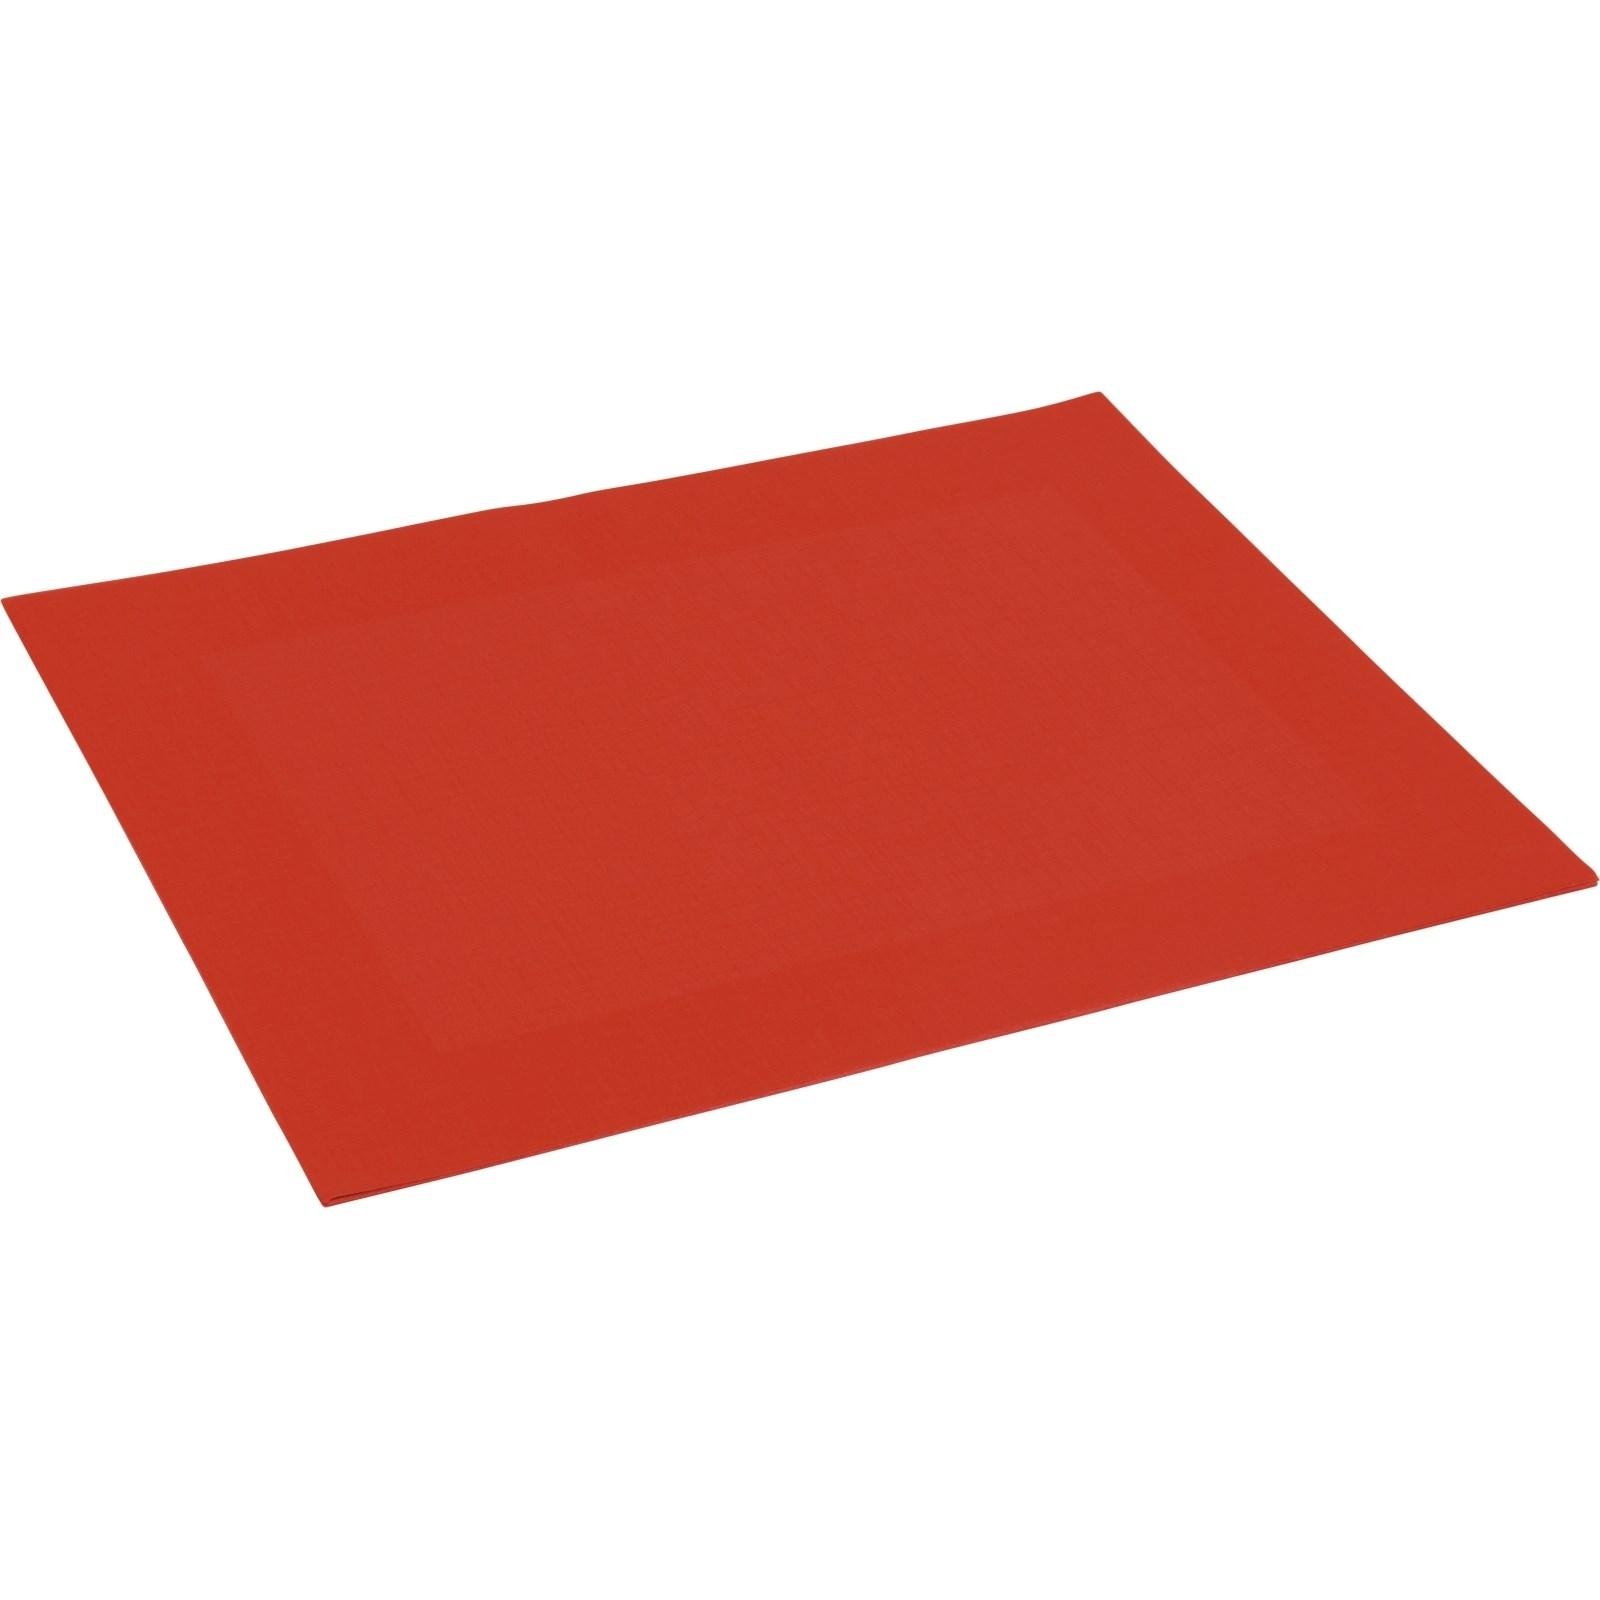 Tischset Rot 30 40 Cm Servietten Gedecke Landi